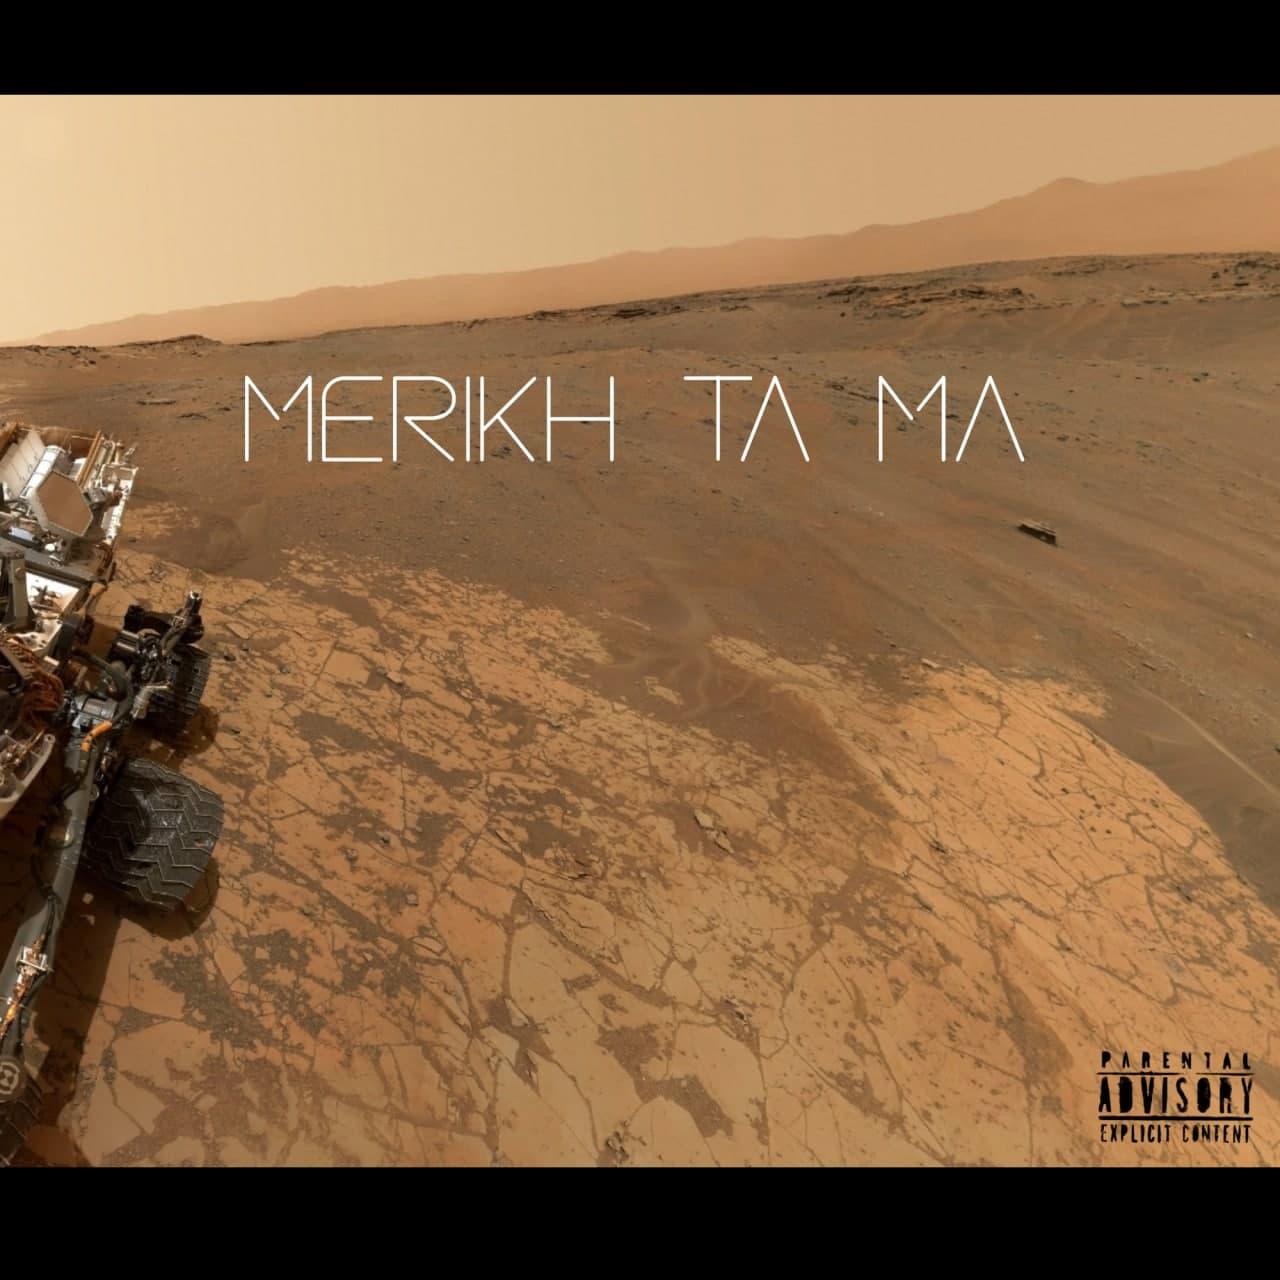 اِی و لامسه و یانگ مون    مریخ تا ما